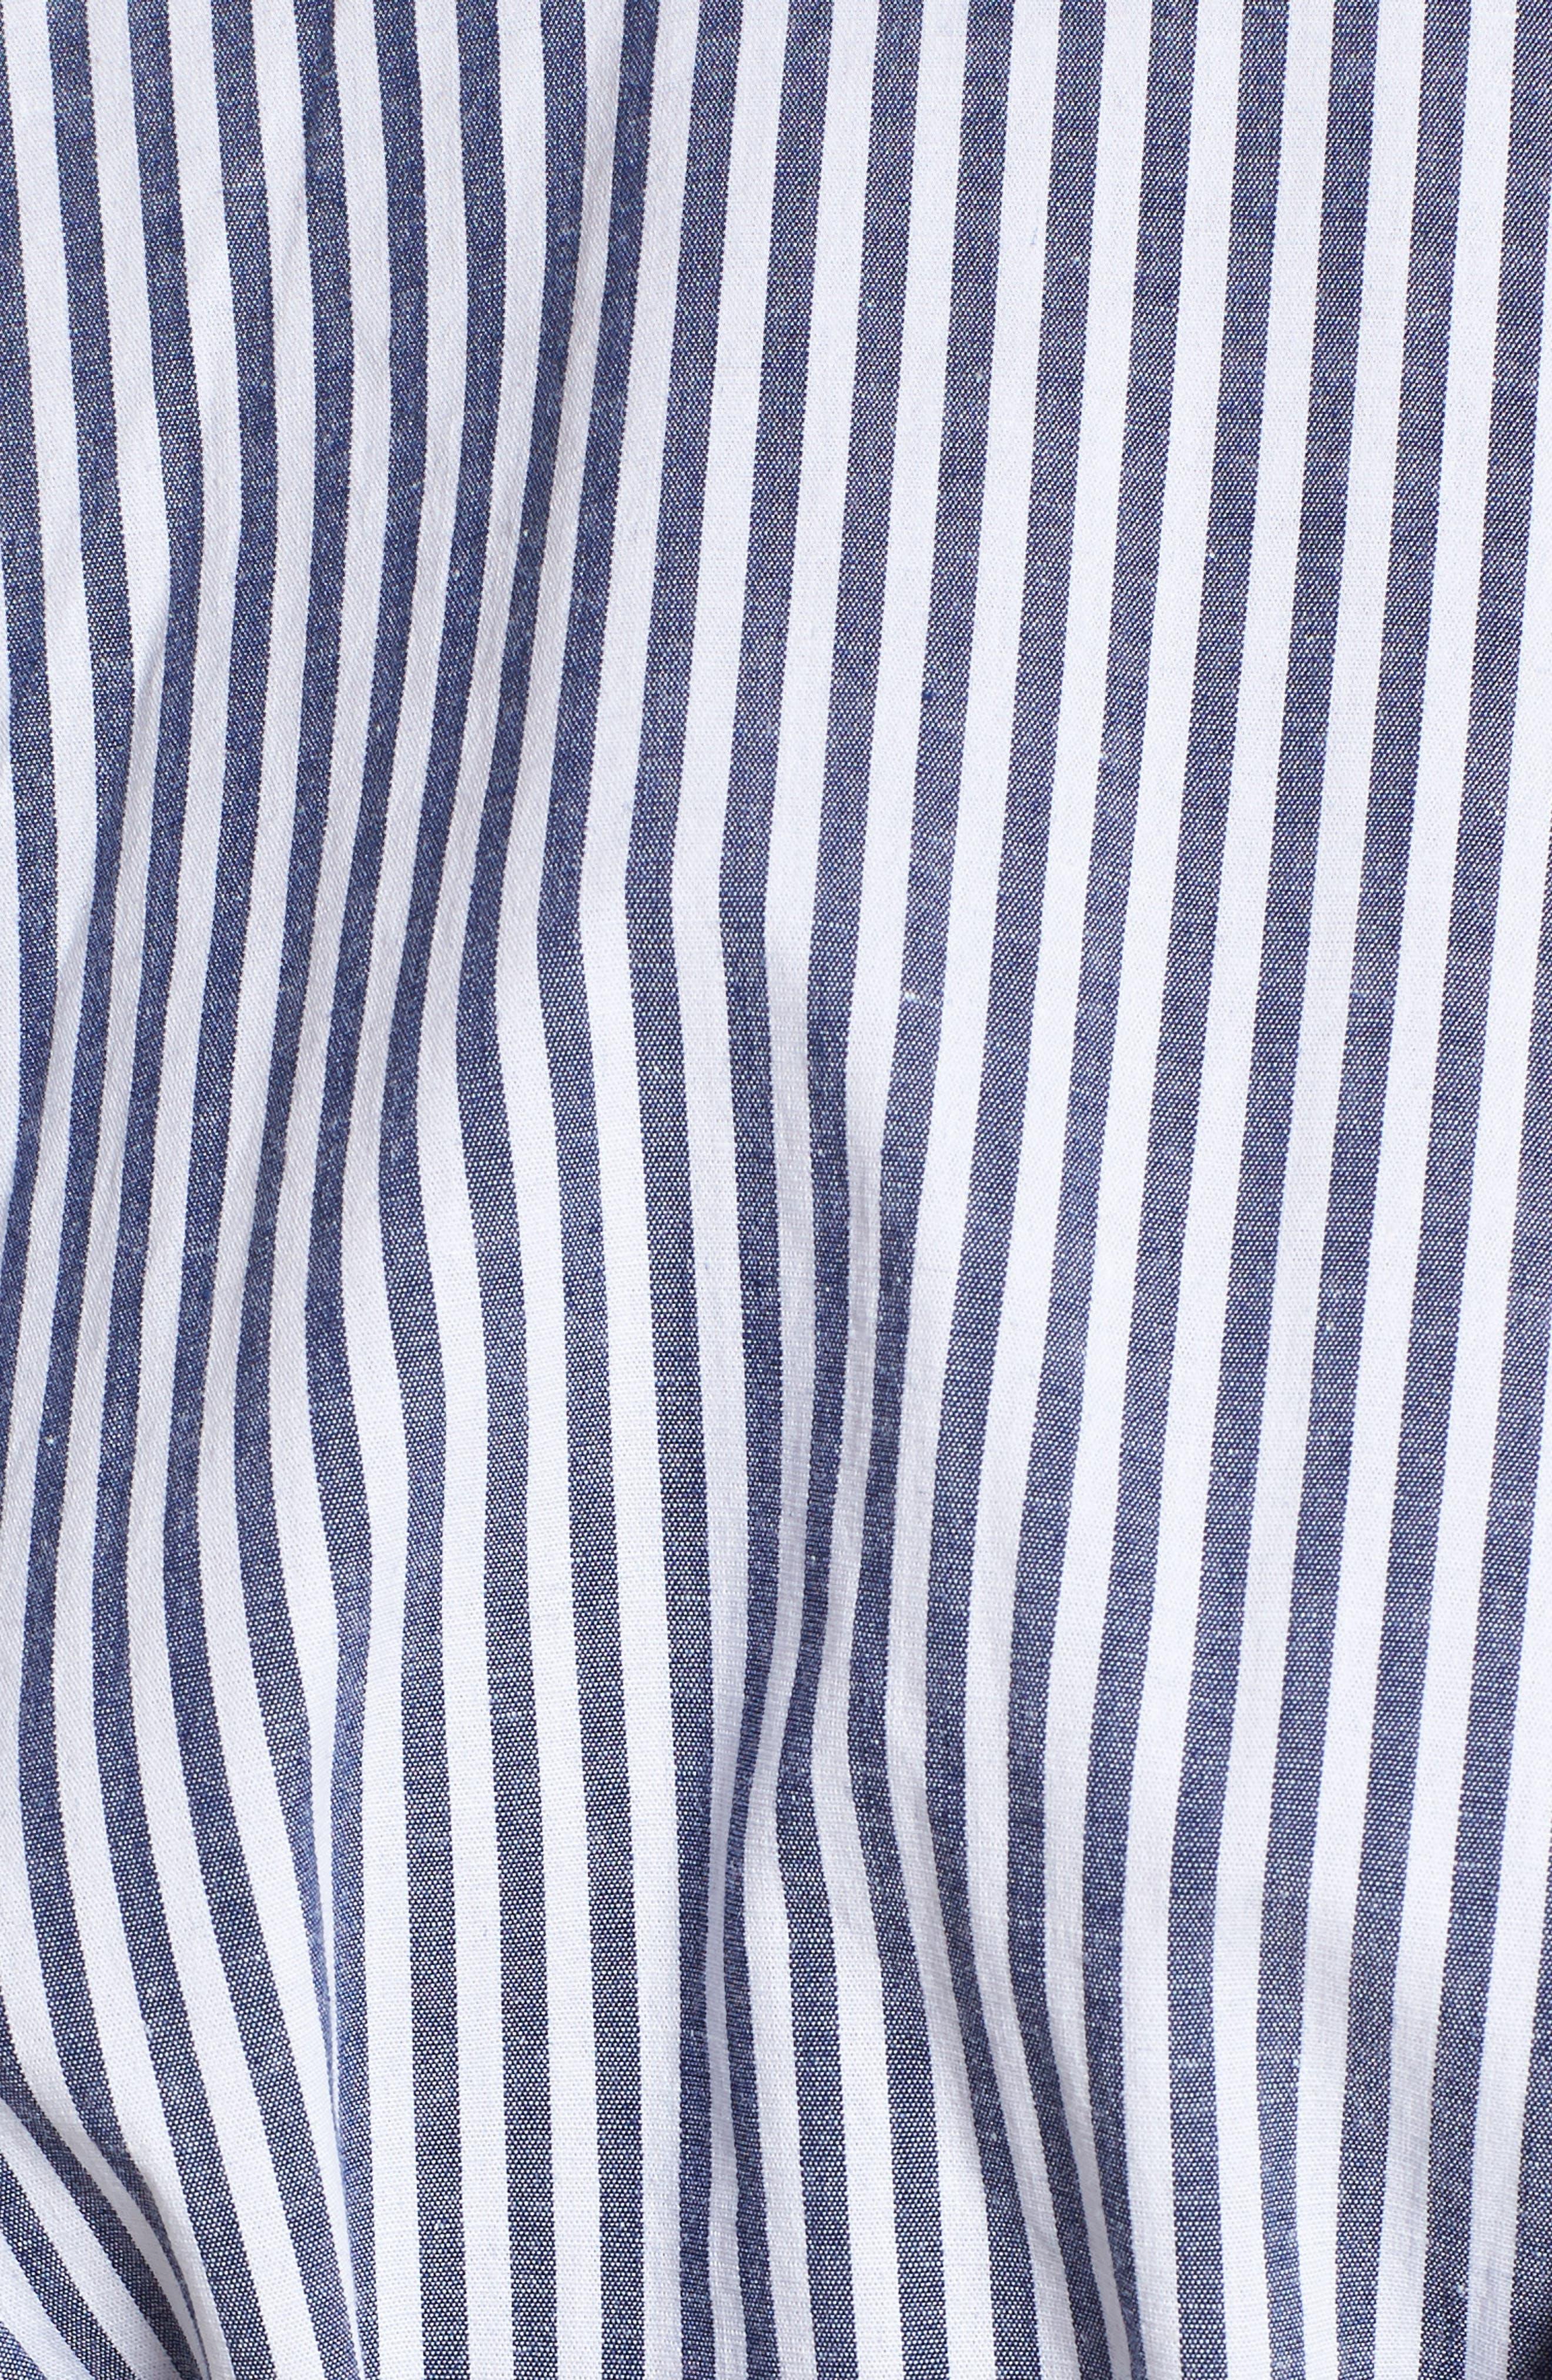 Lace-Up Minidress,                             Alternate thumbnail 5, color,                             Blue-White Stripe